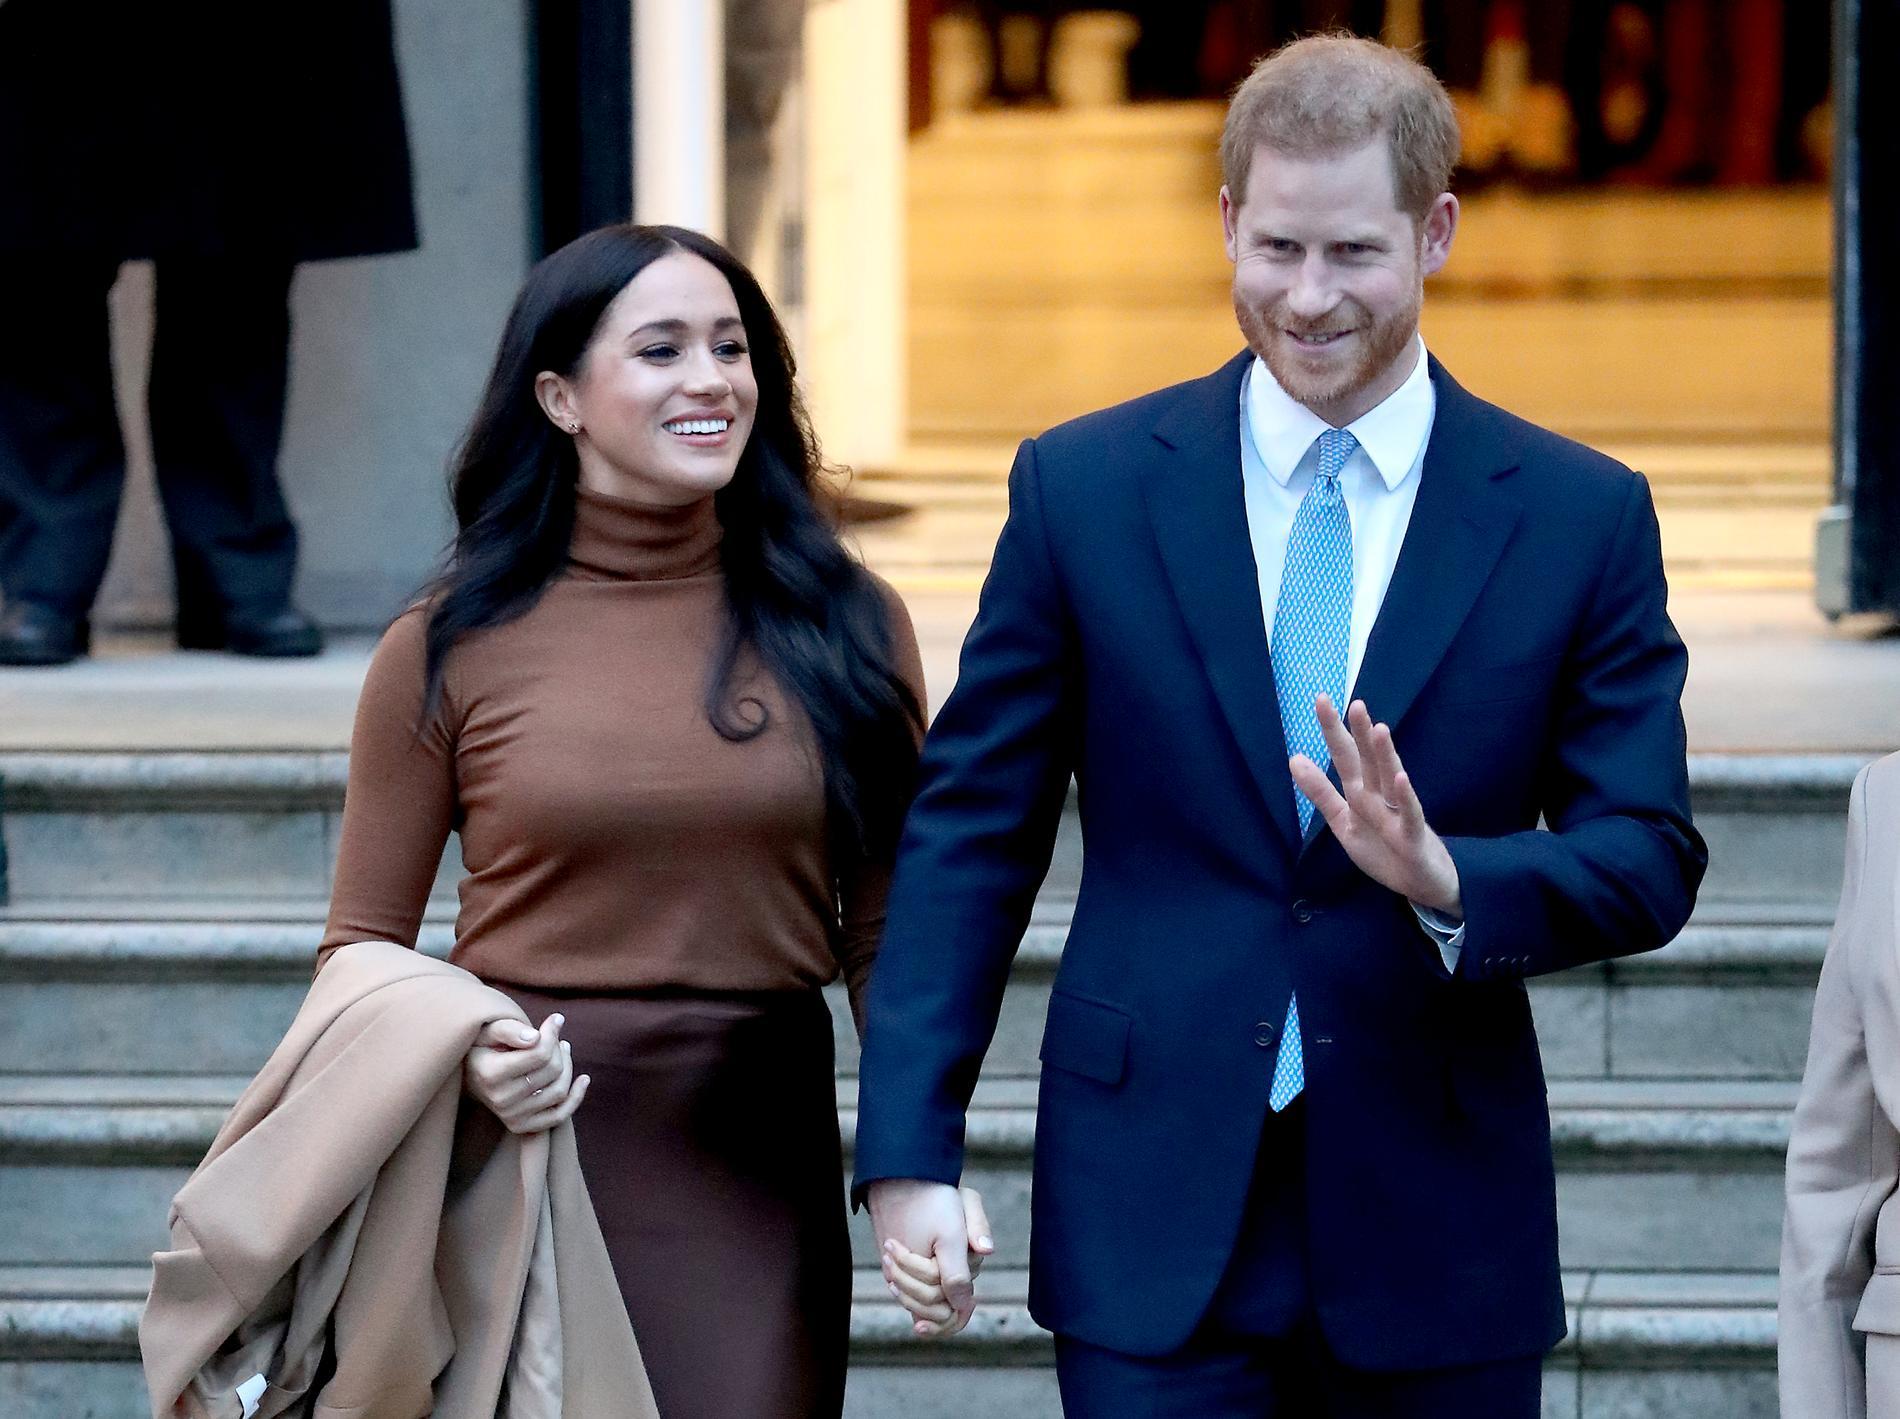 Prins Harry och Meghan Markle gav upp det kungliga livet, men valet var svårare än de tänkt sig.